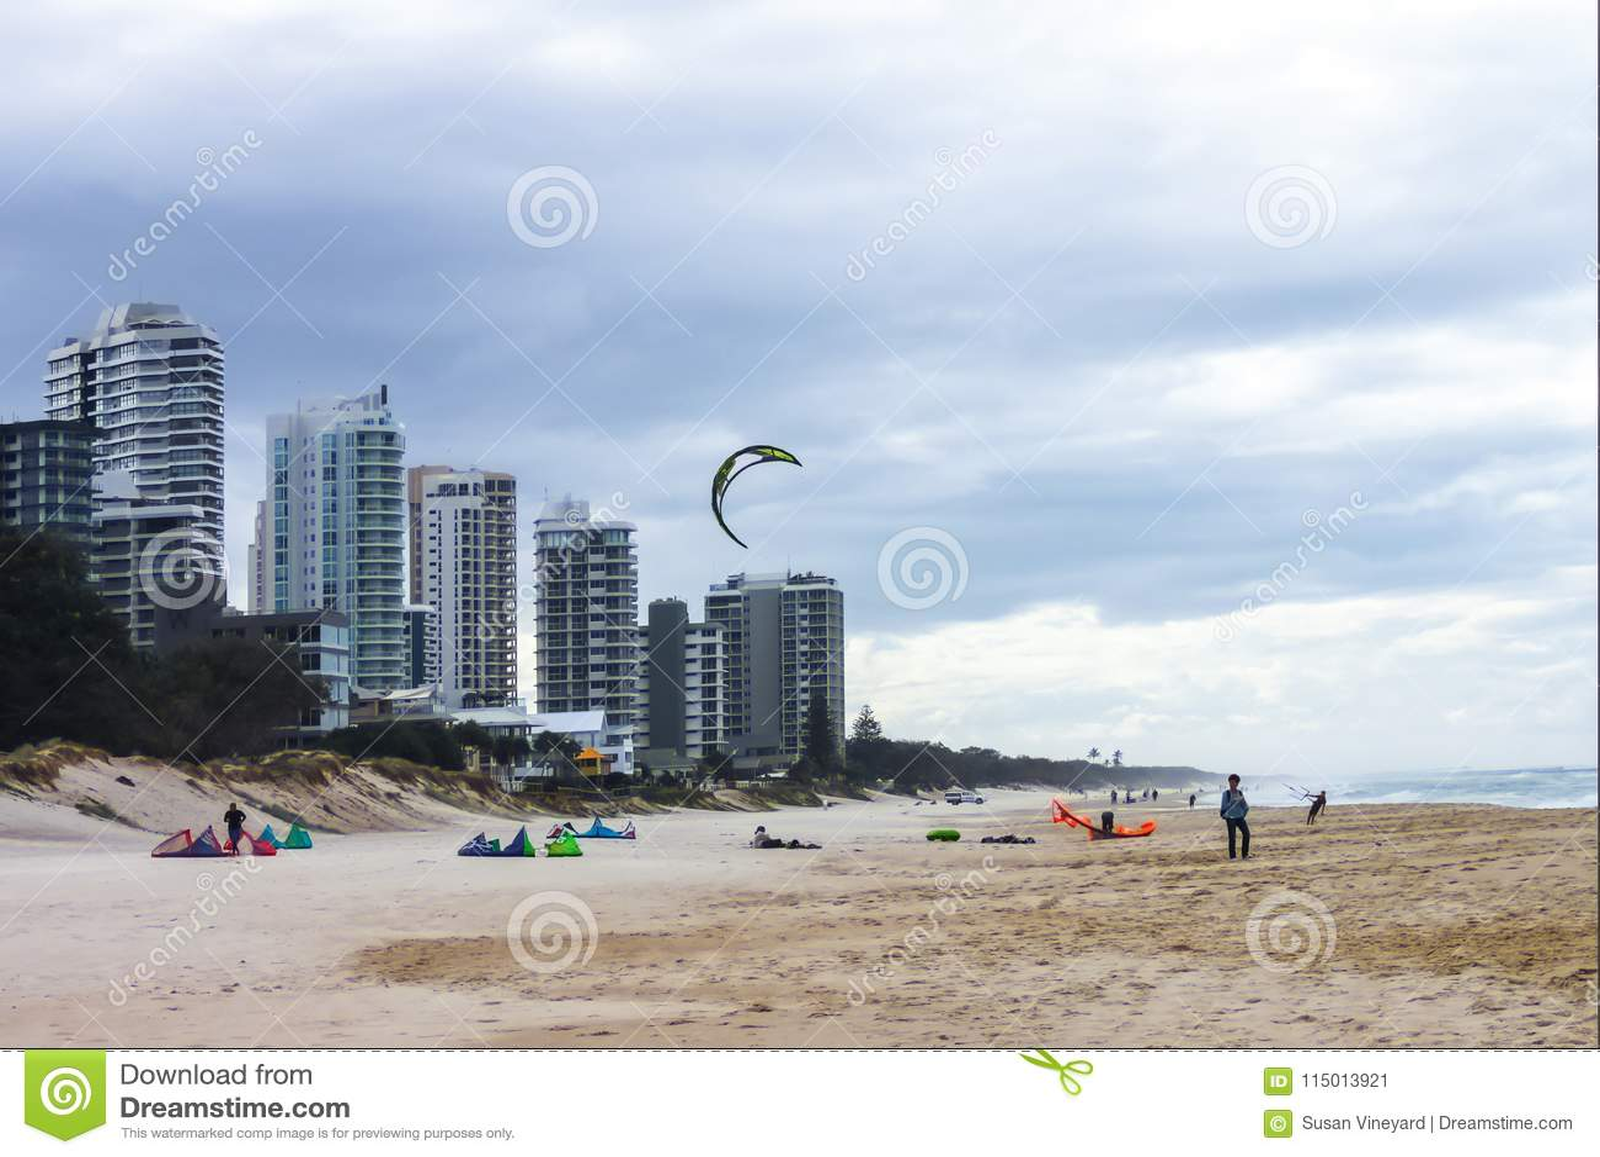 Leute auf dem Strand am Sturmtag bereit an Drachenbrandung mit einem Drachen im luft- das Gold Coast Queensland Australien gelang